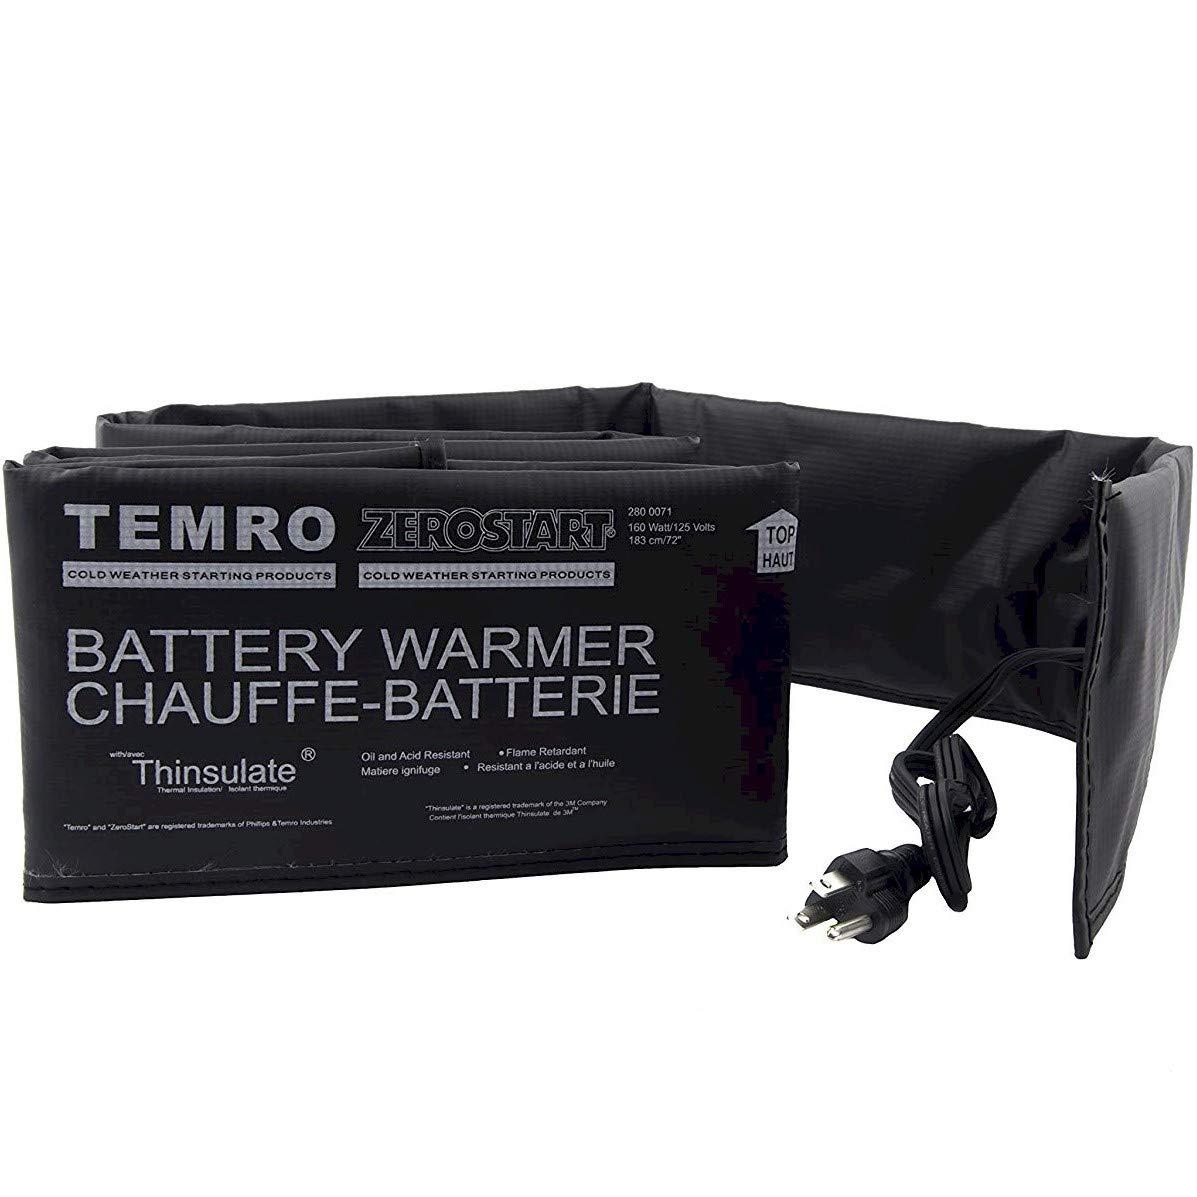 Zerostart 2800055 Electric Blanket Battery Heater Wrap, 28-Inch | 120 Volts | 50 Watts by Zerostart